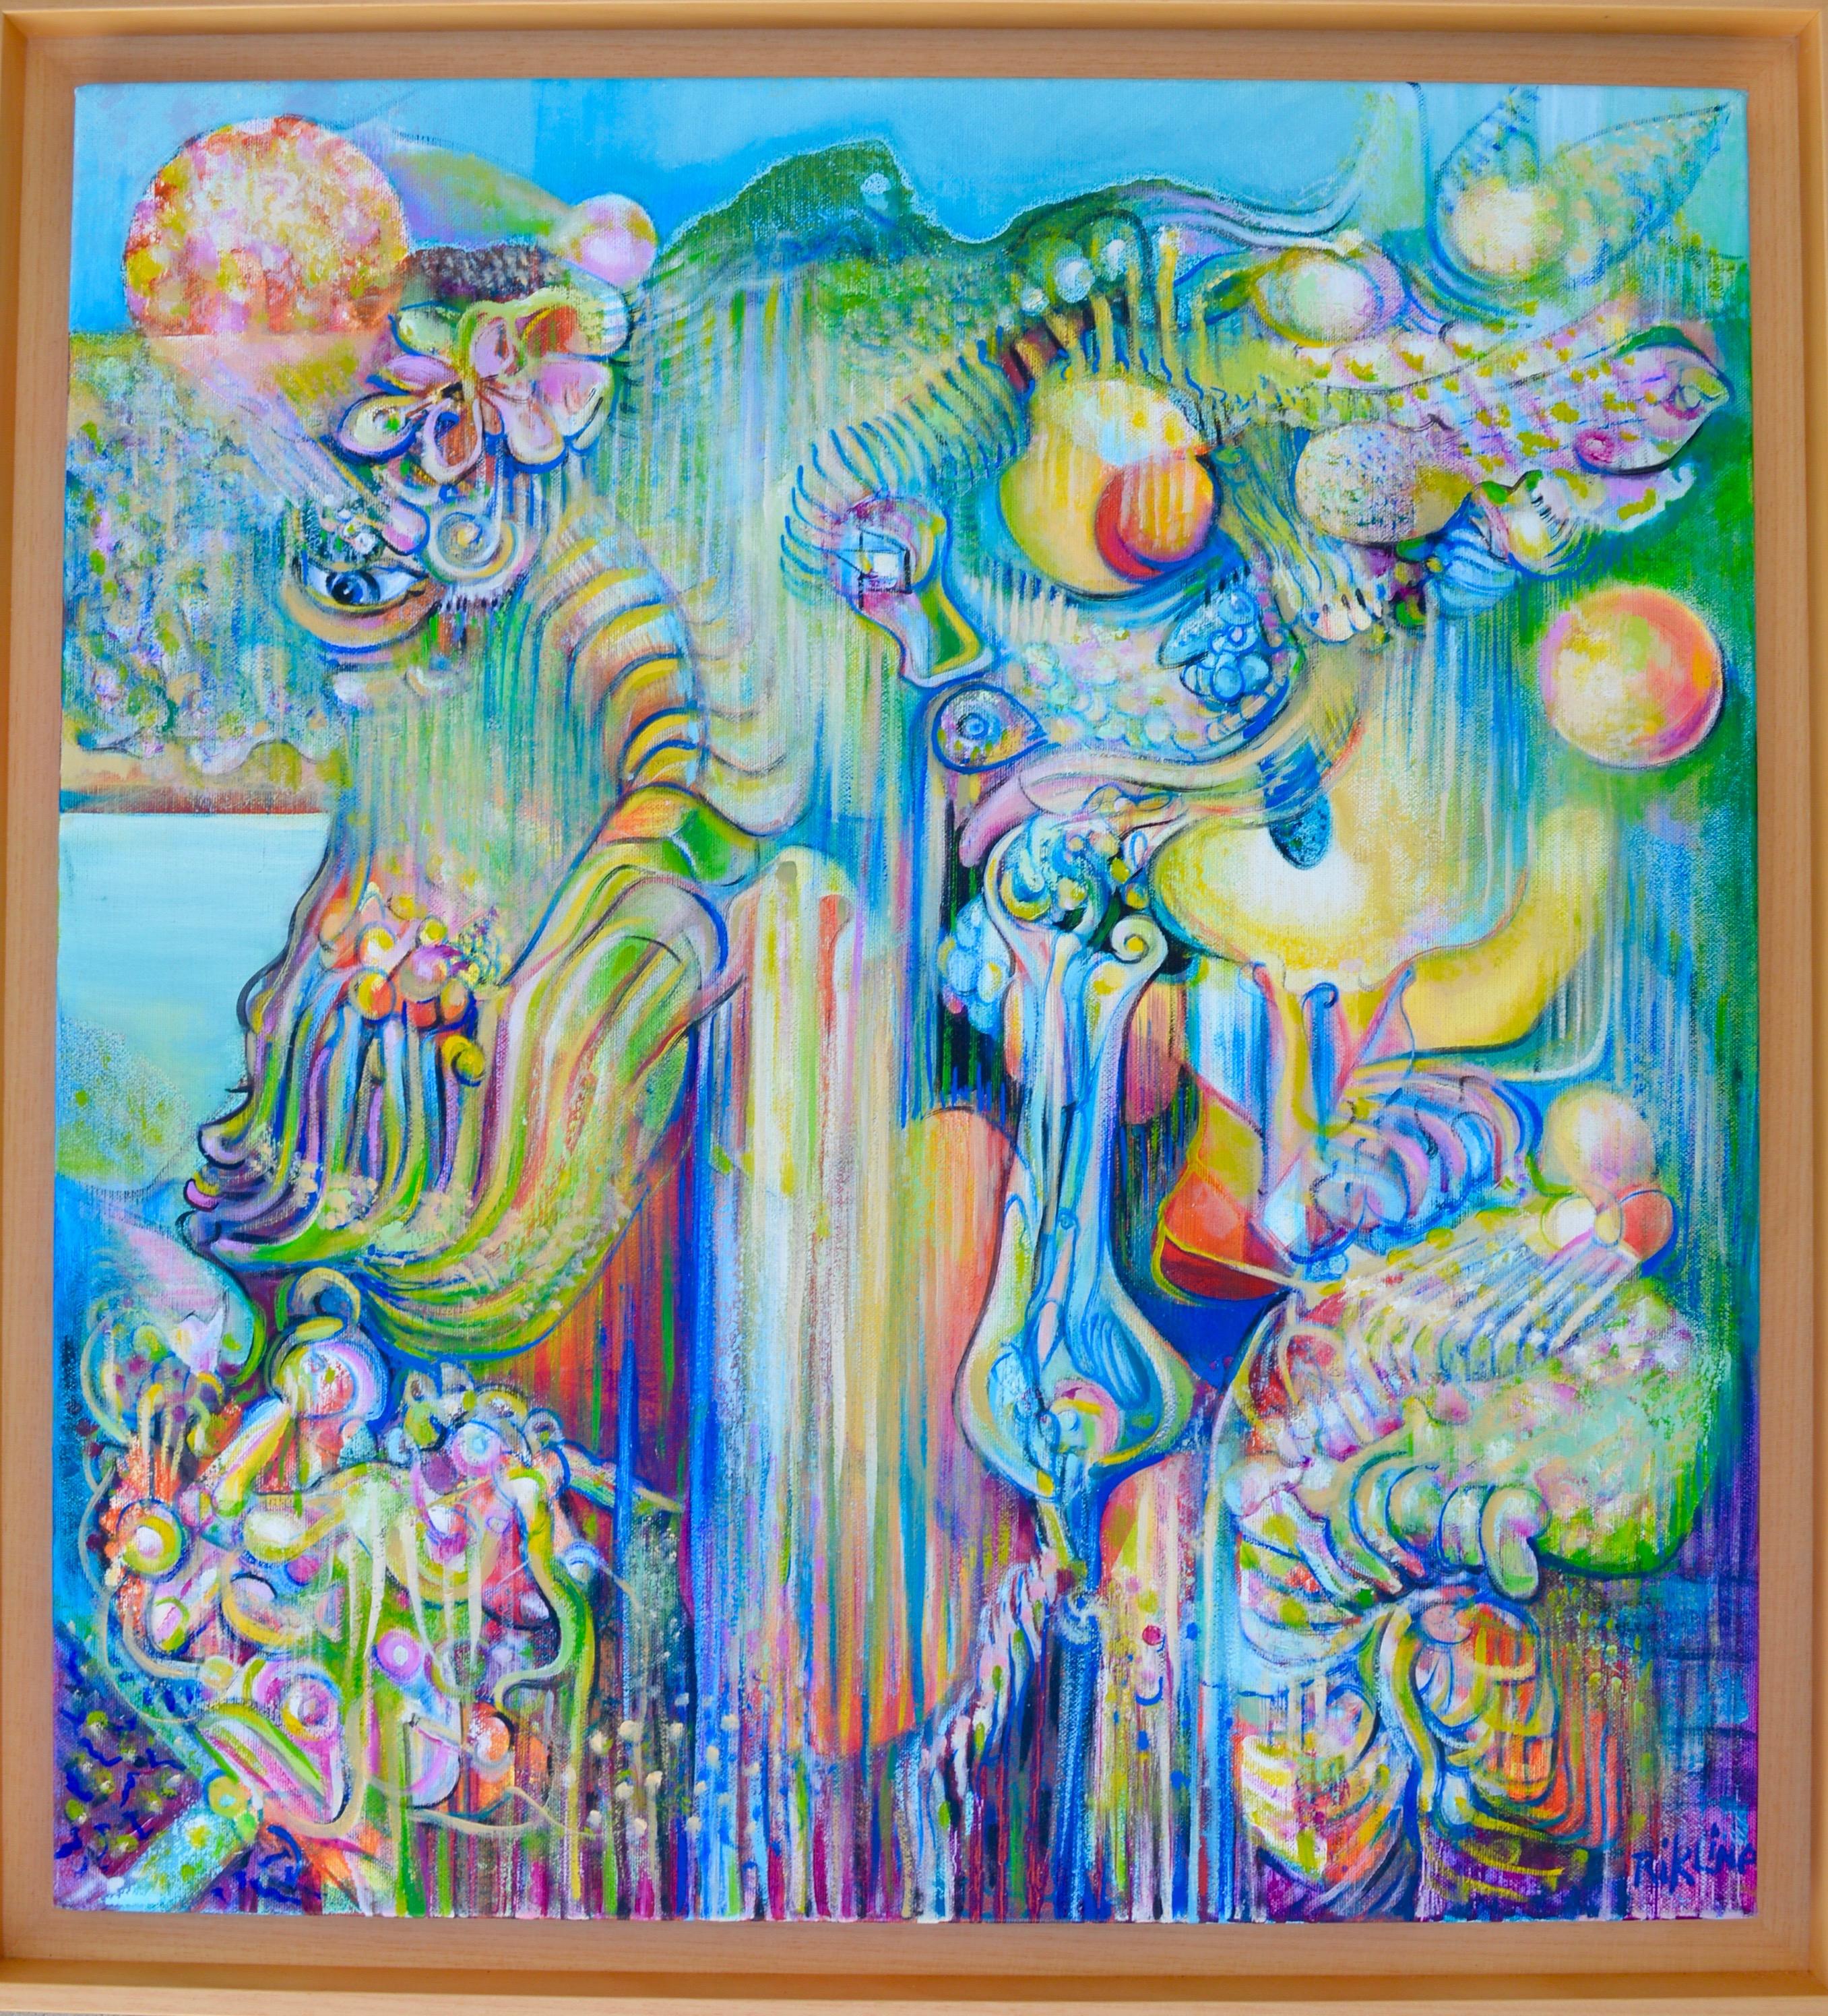 2014 anemone tears 65x60